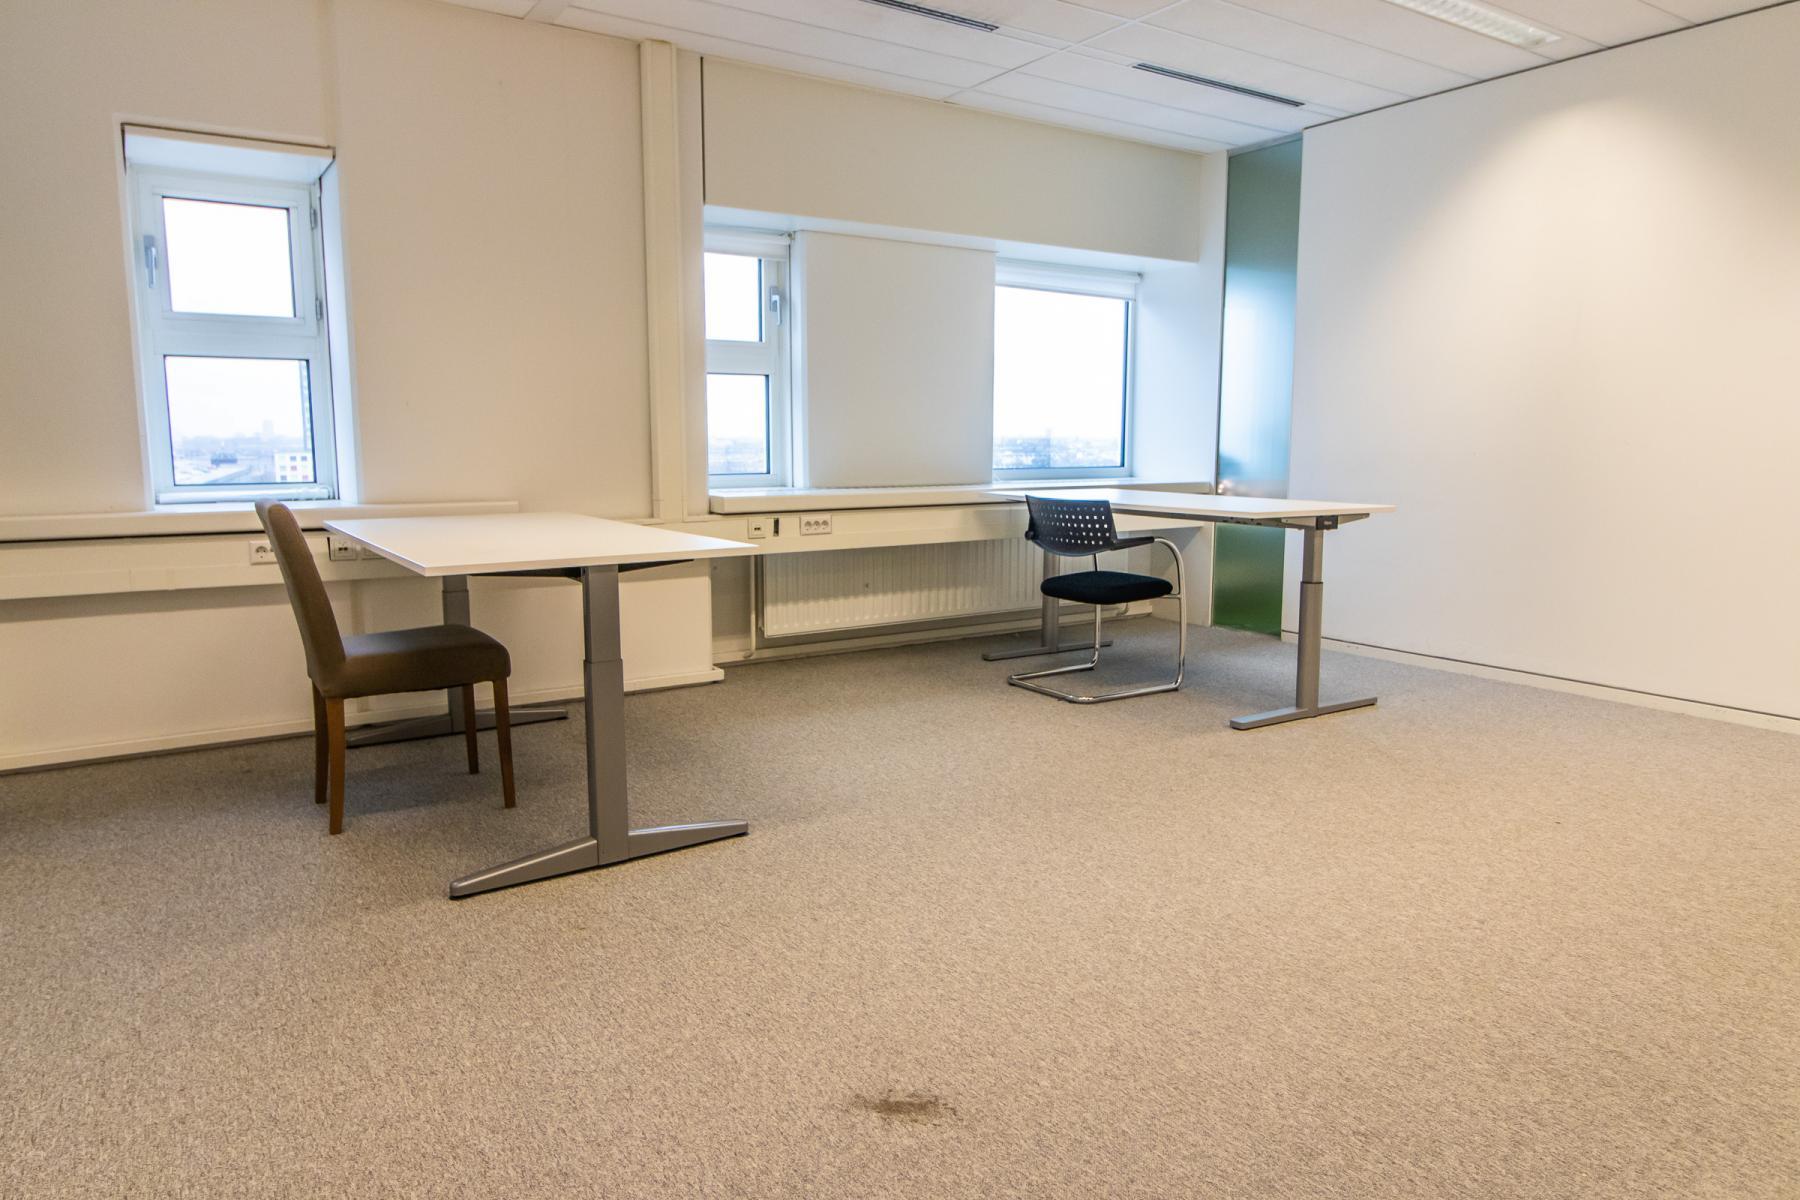 Rent office space Waldorpstraat 17, Den Haag (16)